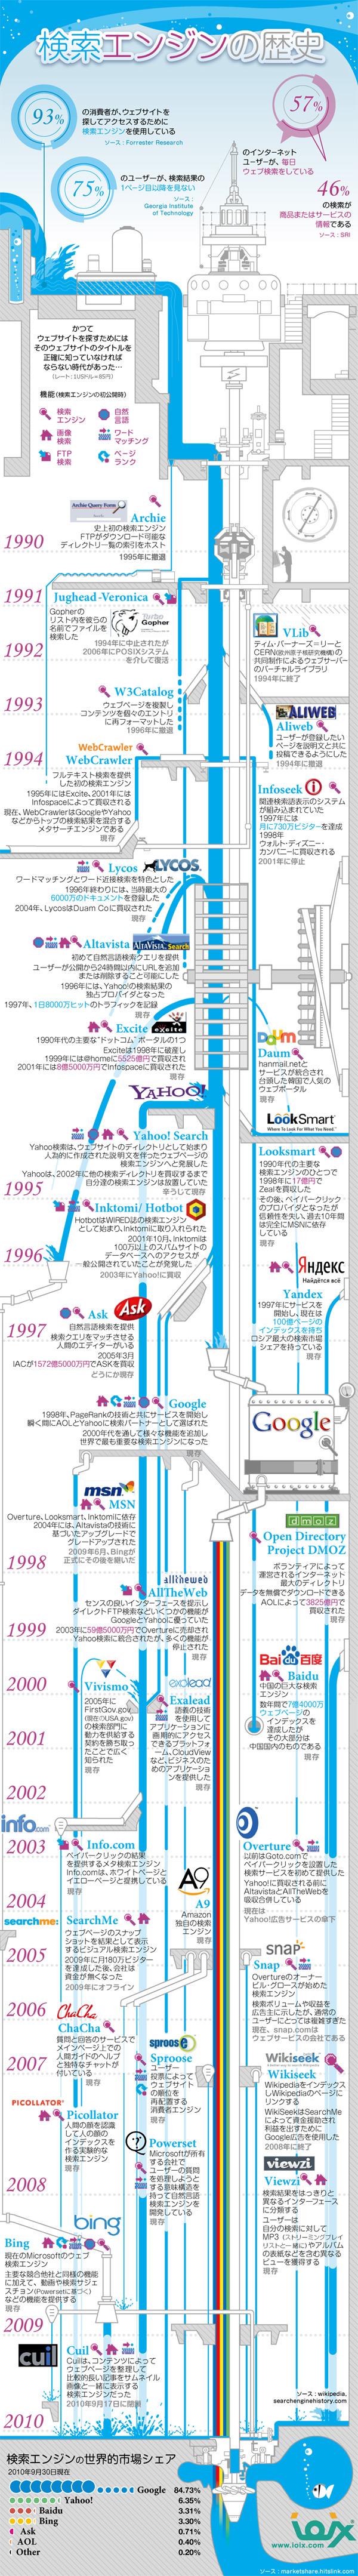 インフォグラフィックス:検索エンジンの歴史